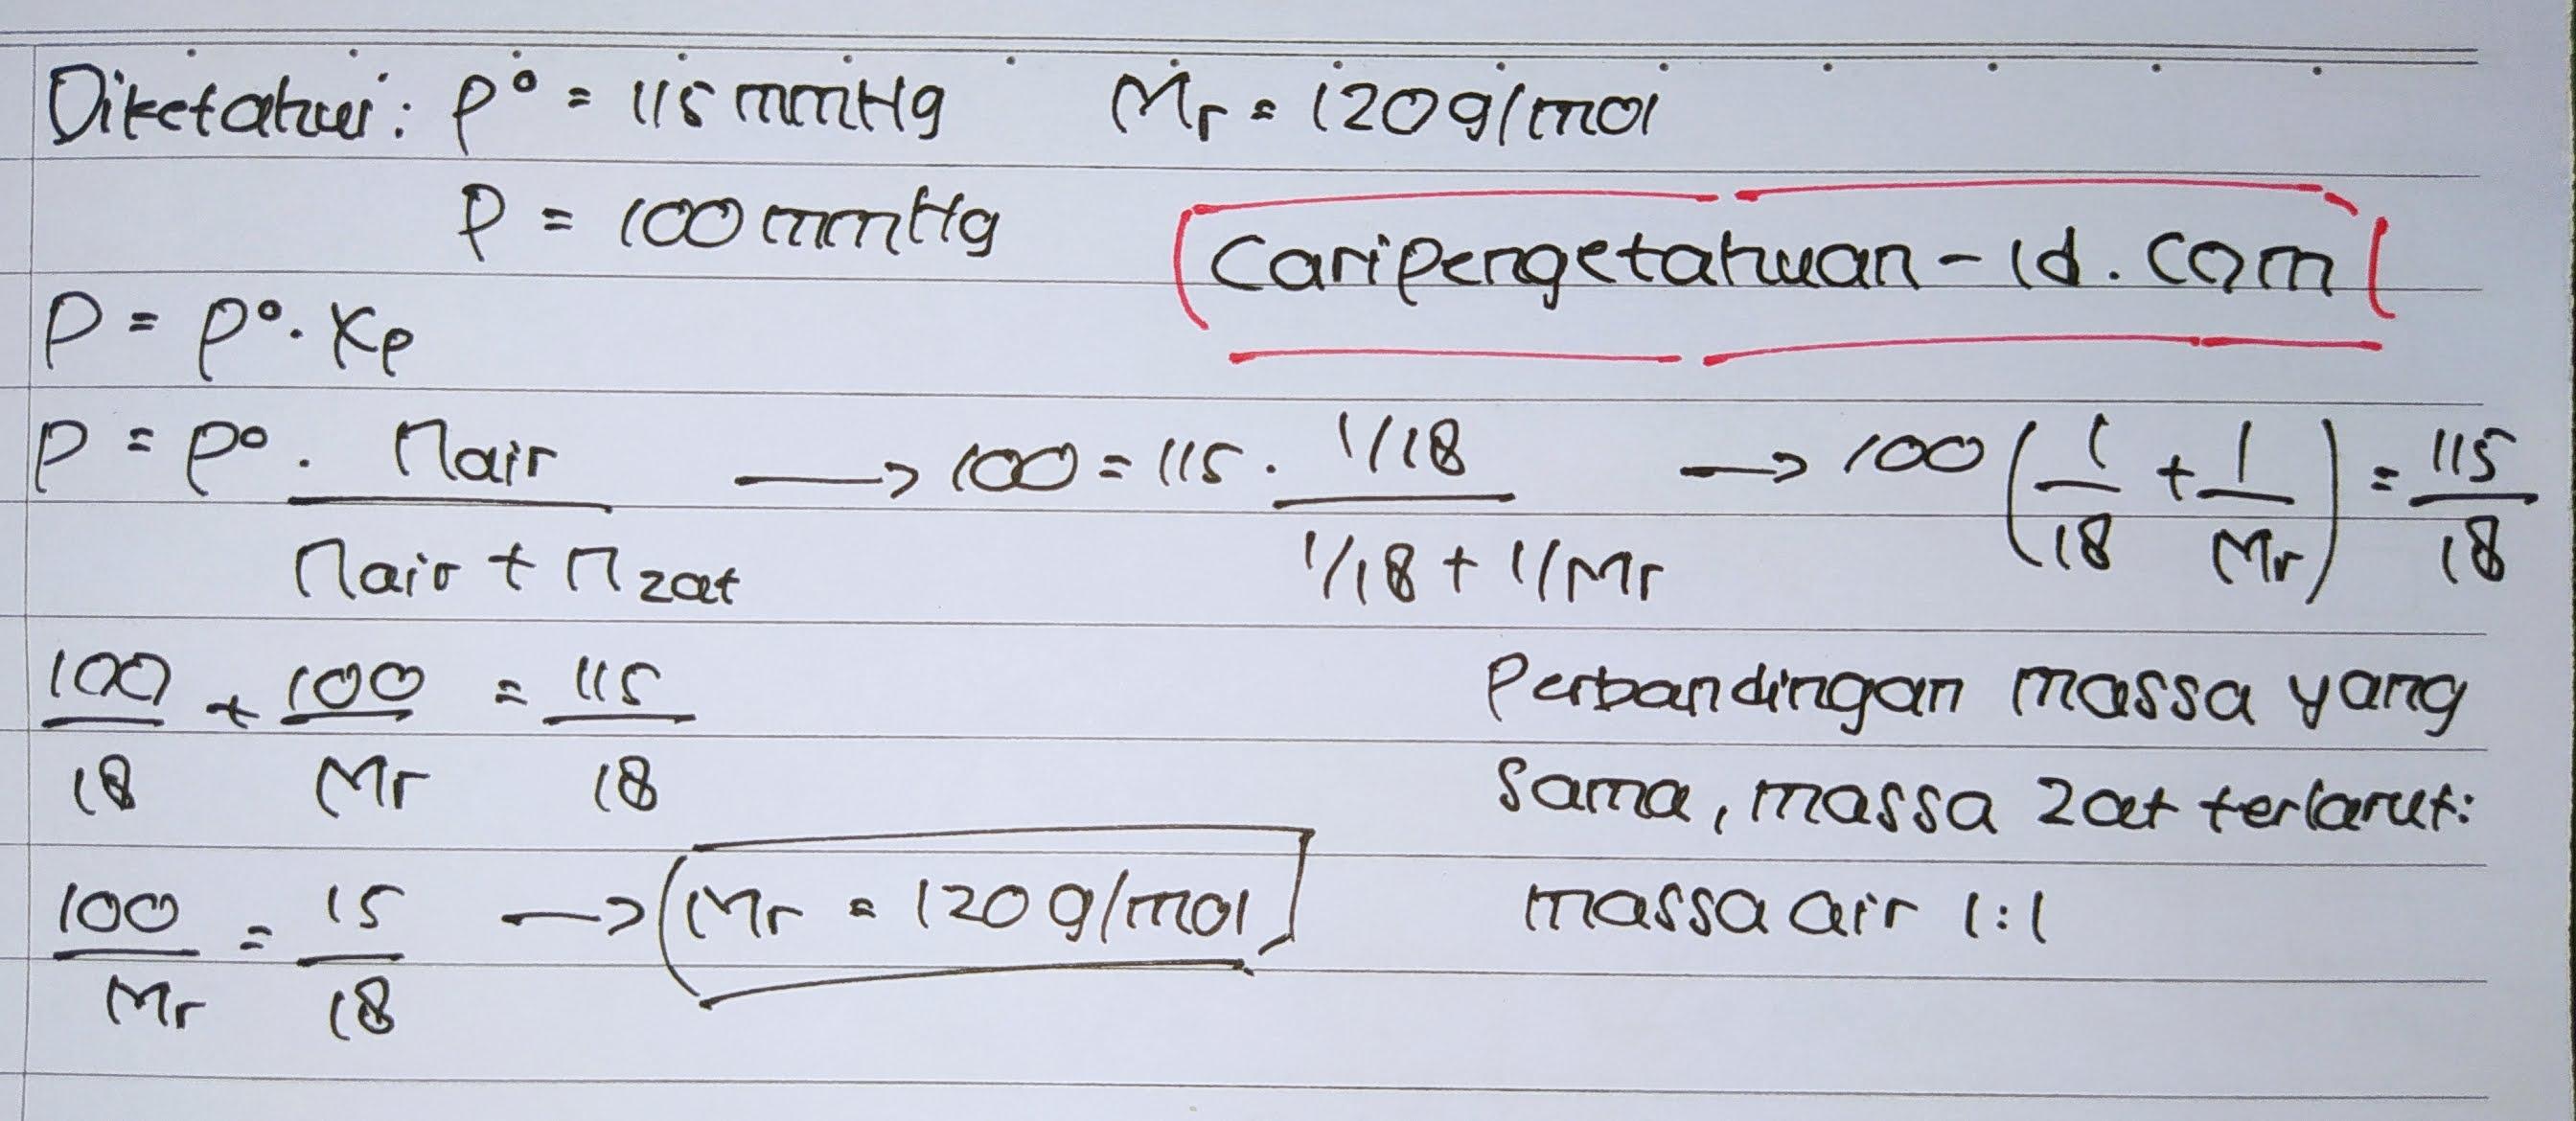 Tekanan uap air pada suhu tertentu adalah 115 mmHg. Jika suatu zat nonelektrolit dilarutkan dalam air (Mr = 18) dengan perbandingan massa pelarut dan massa terlarut yang sama yaitu 1 gram, ternyatatekanan uap larutan 100 mmHg. Hitunglah harga Mr zat tersebut !